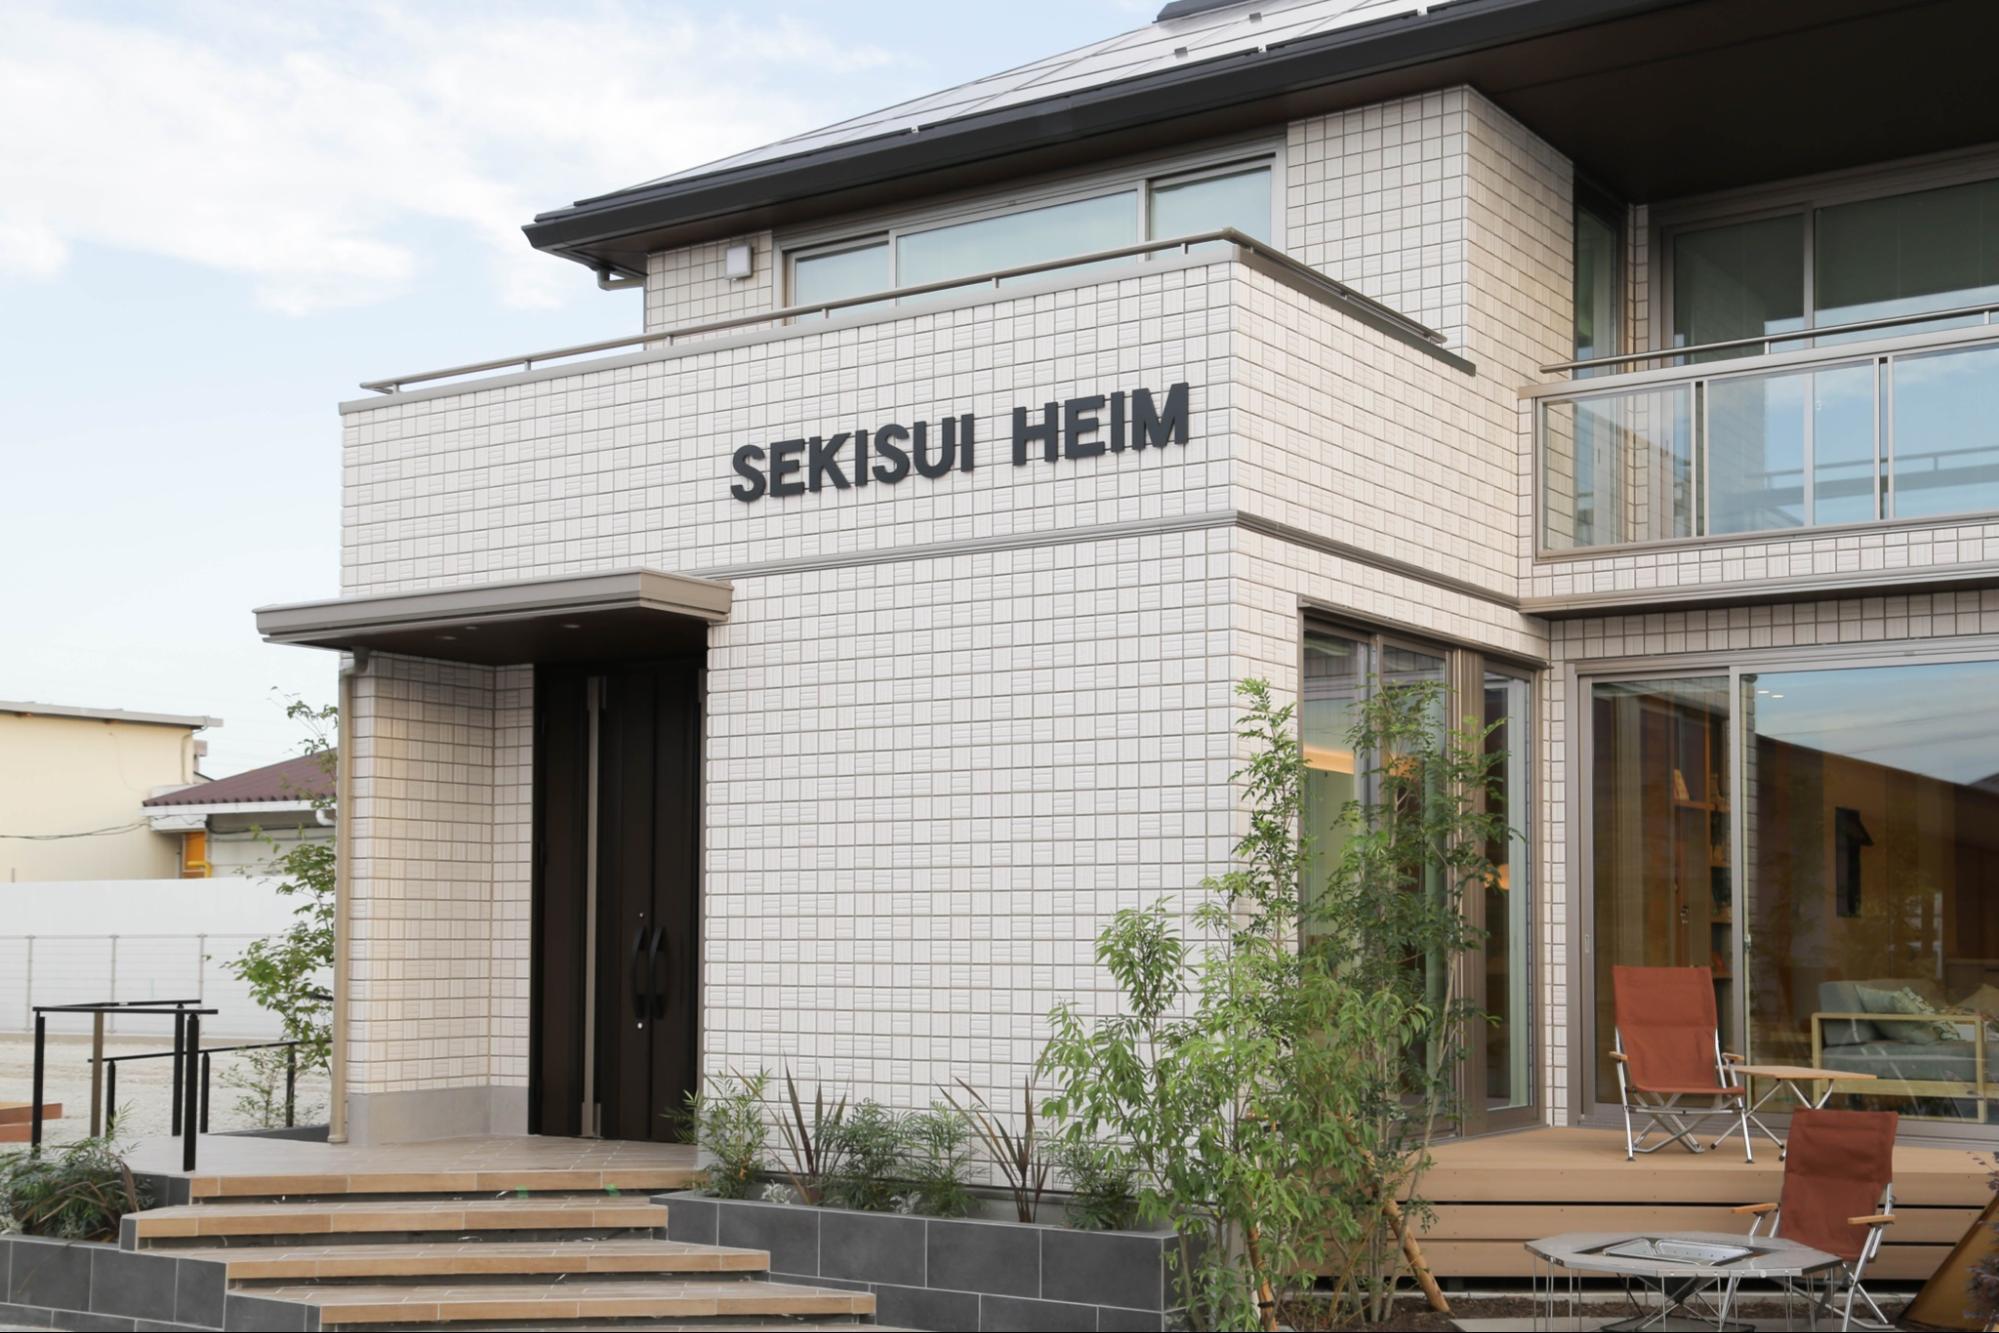 中京テレビハウジングセンター セキスイハイム展示場のエクステリア施工